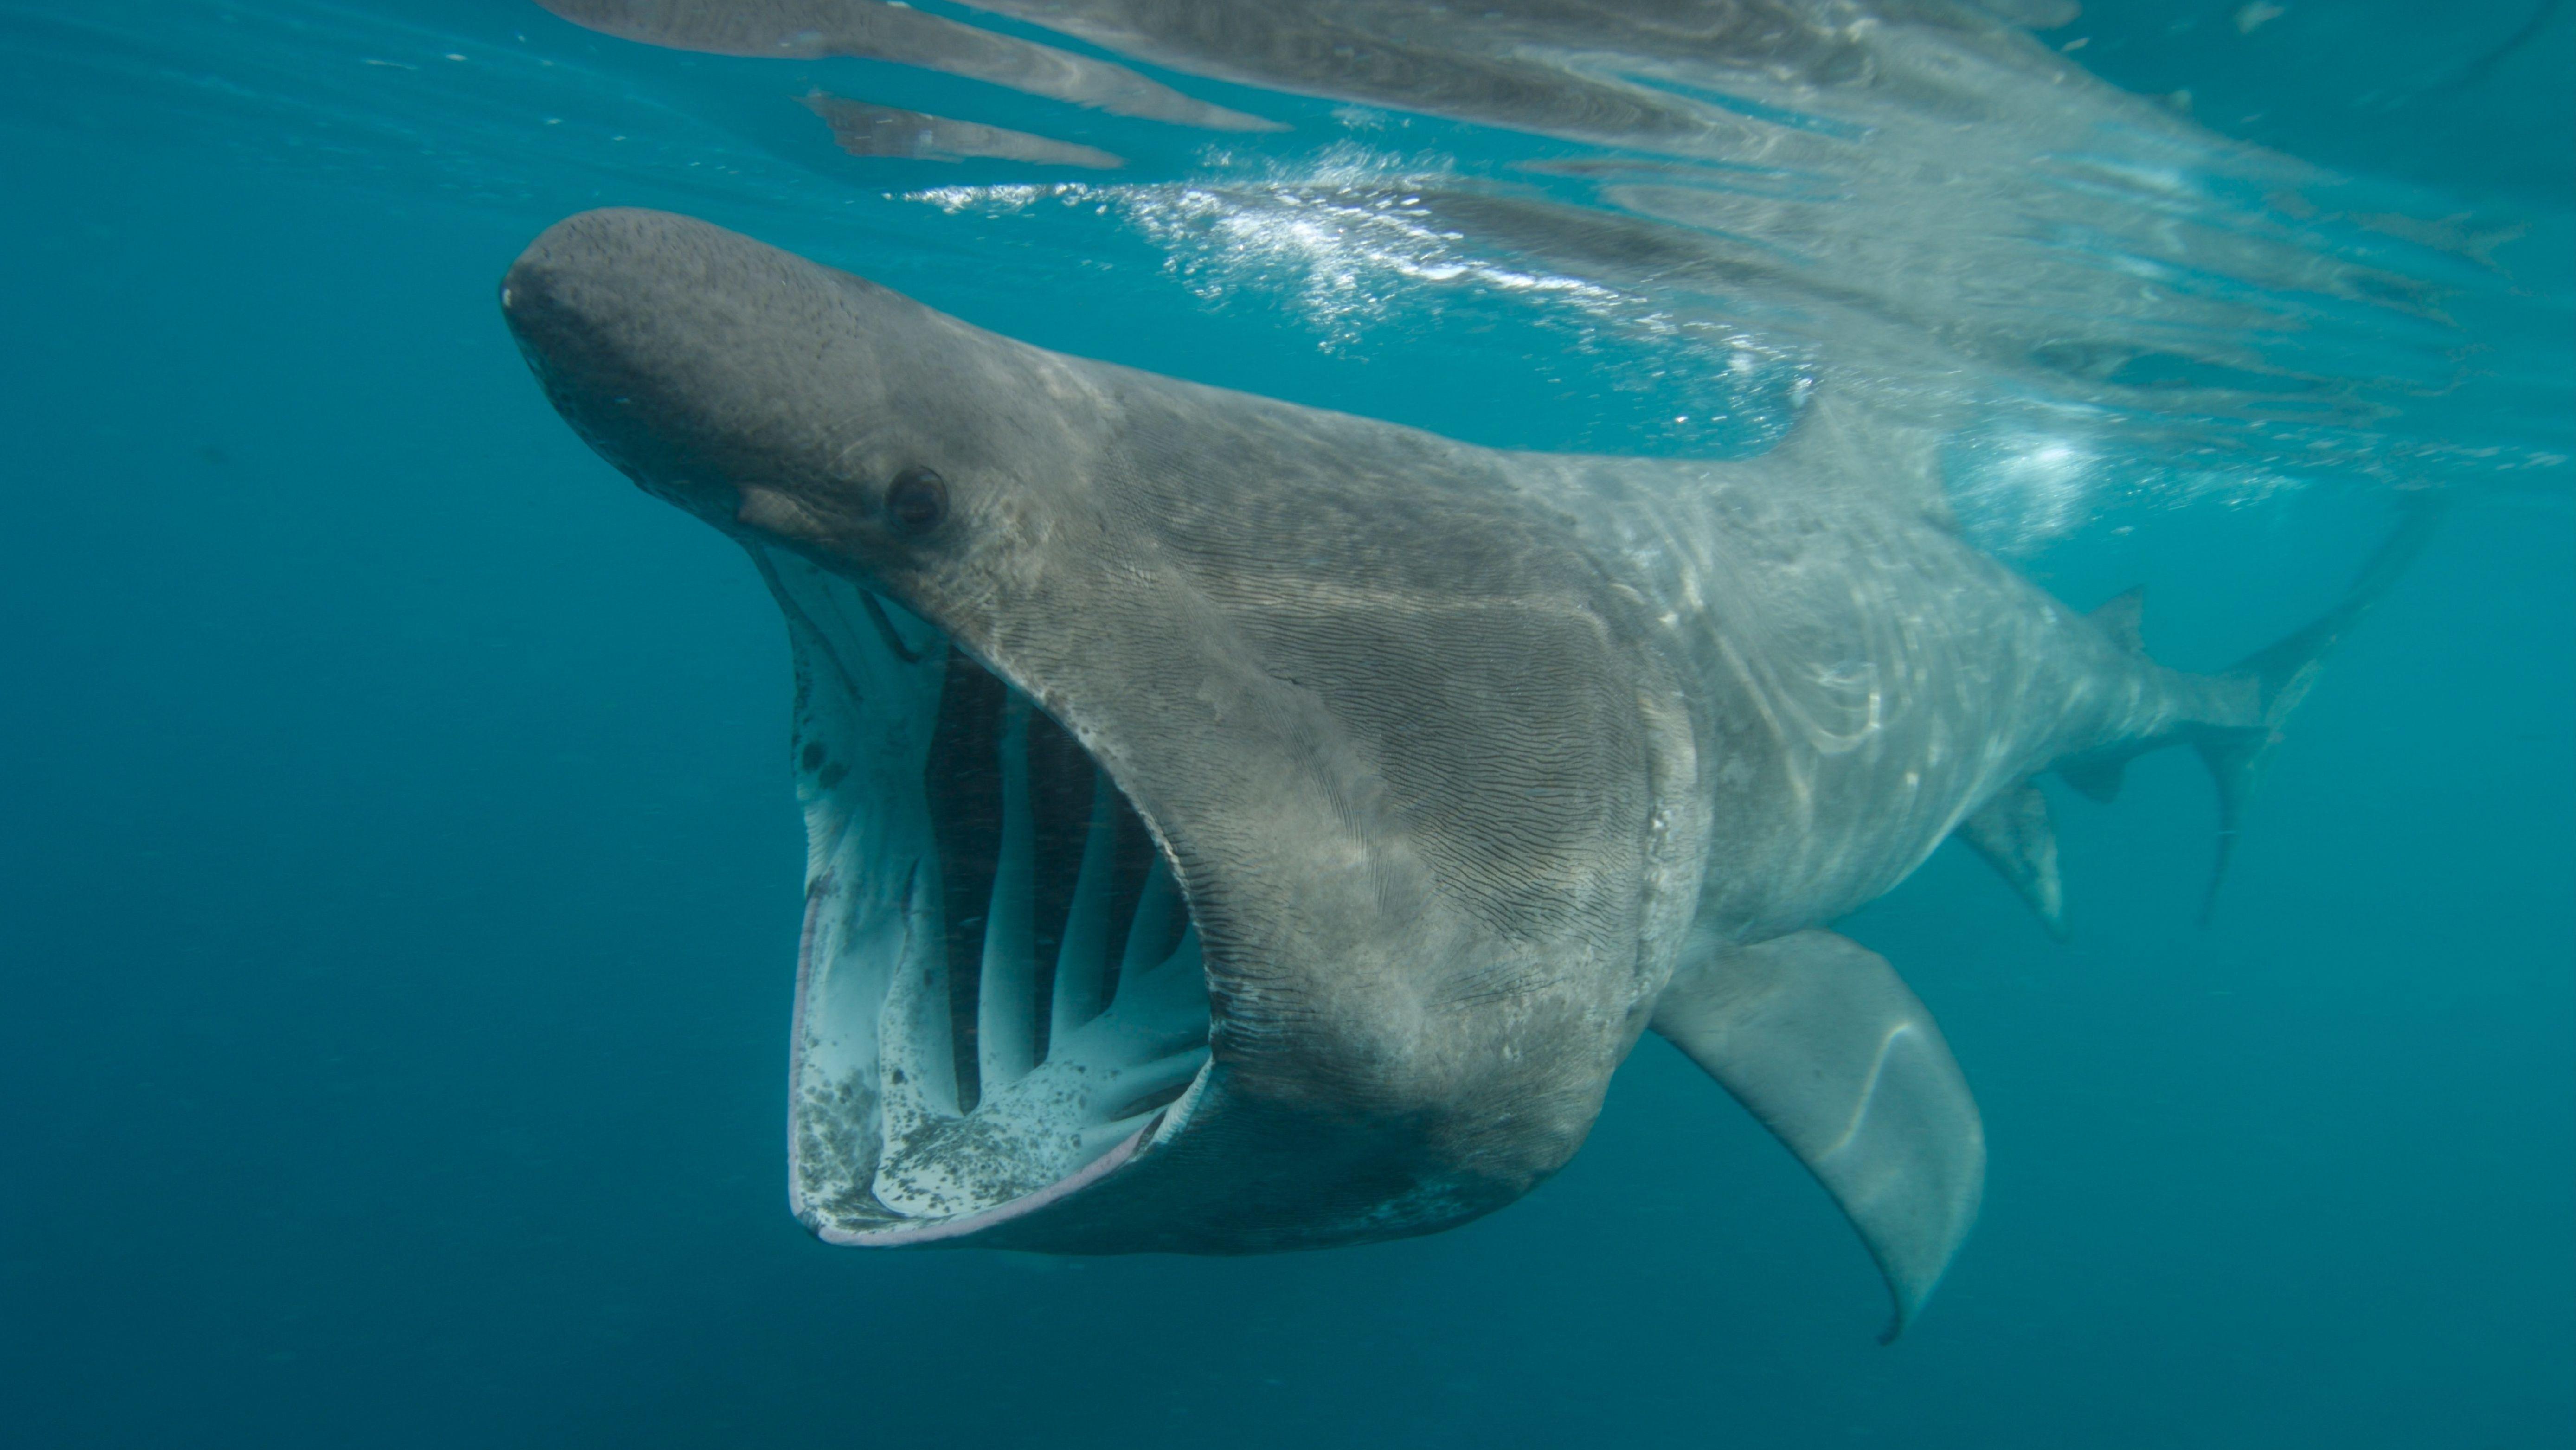 Archivbild 2007. Riesenhai (Cetorhinus maximus) siebt mit weit offenem Maul Plankton aus dem Meer.